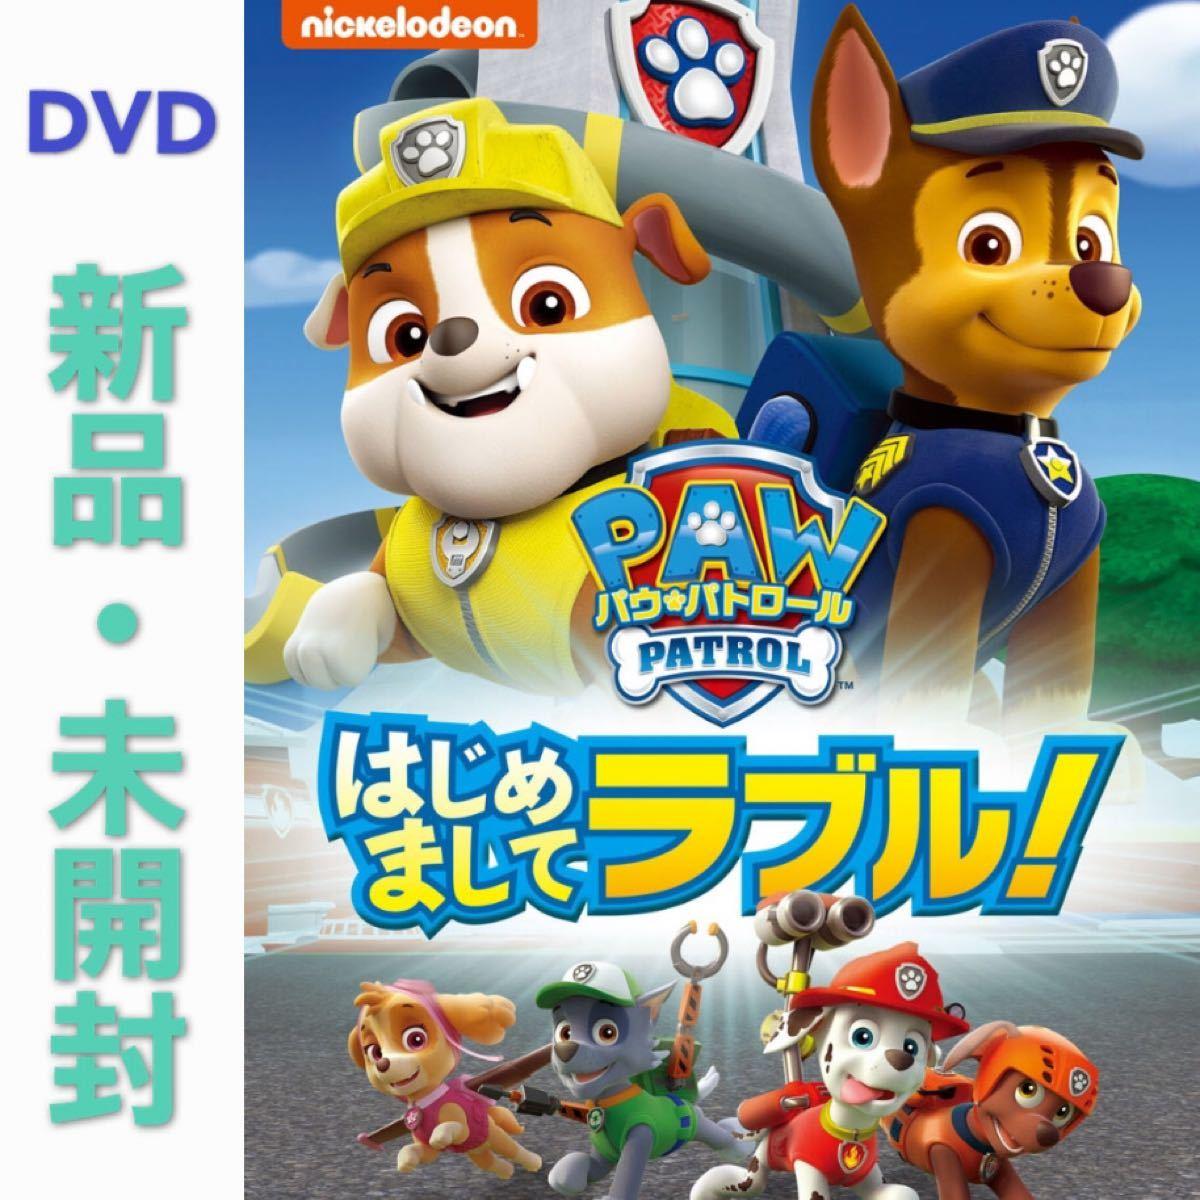 DVD パウ・パトロール はじめましてラブル! 新品・未開封